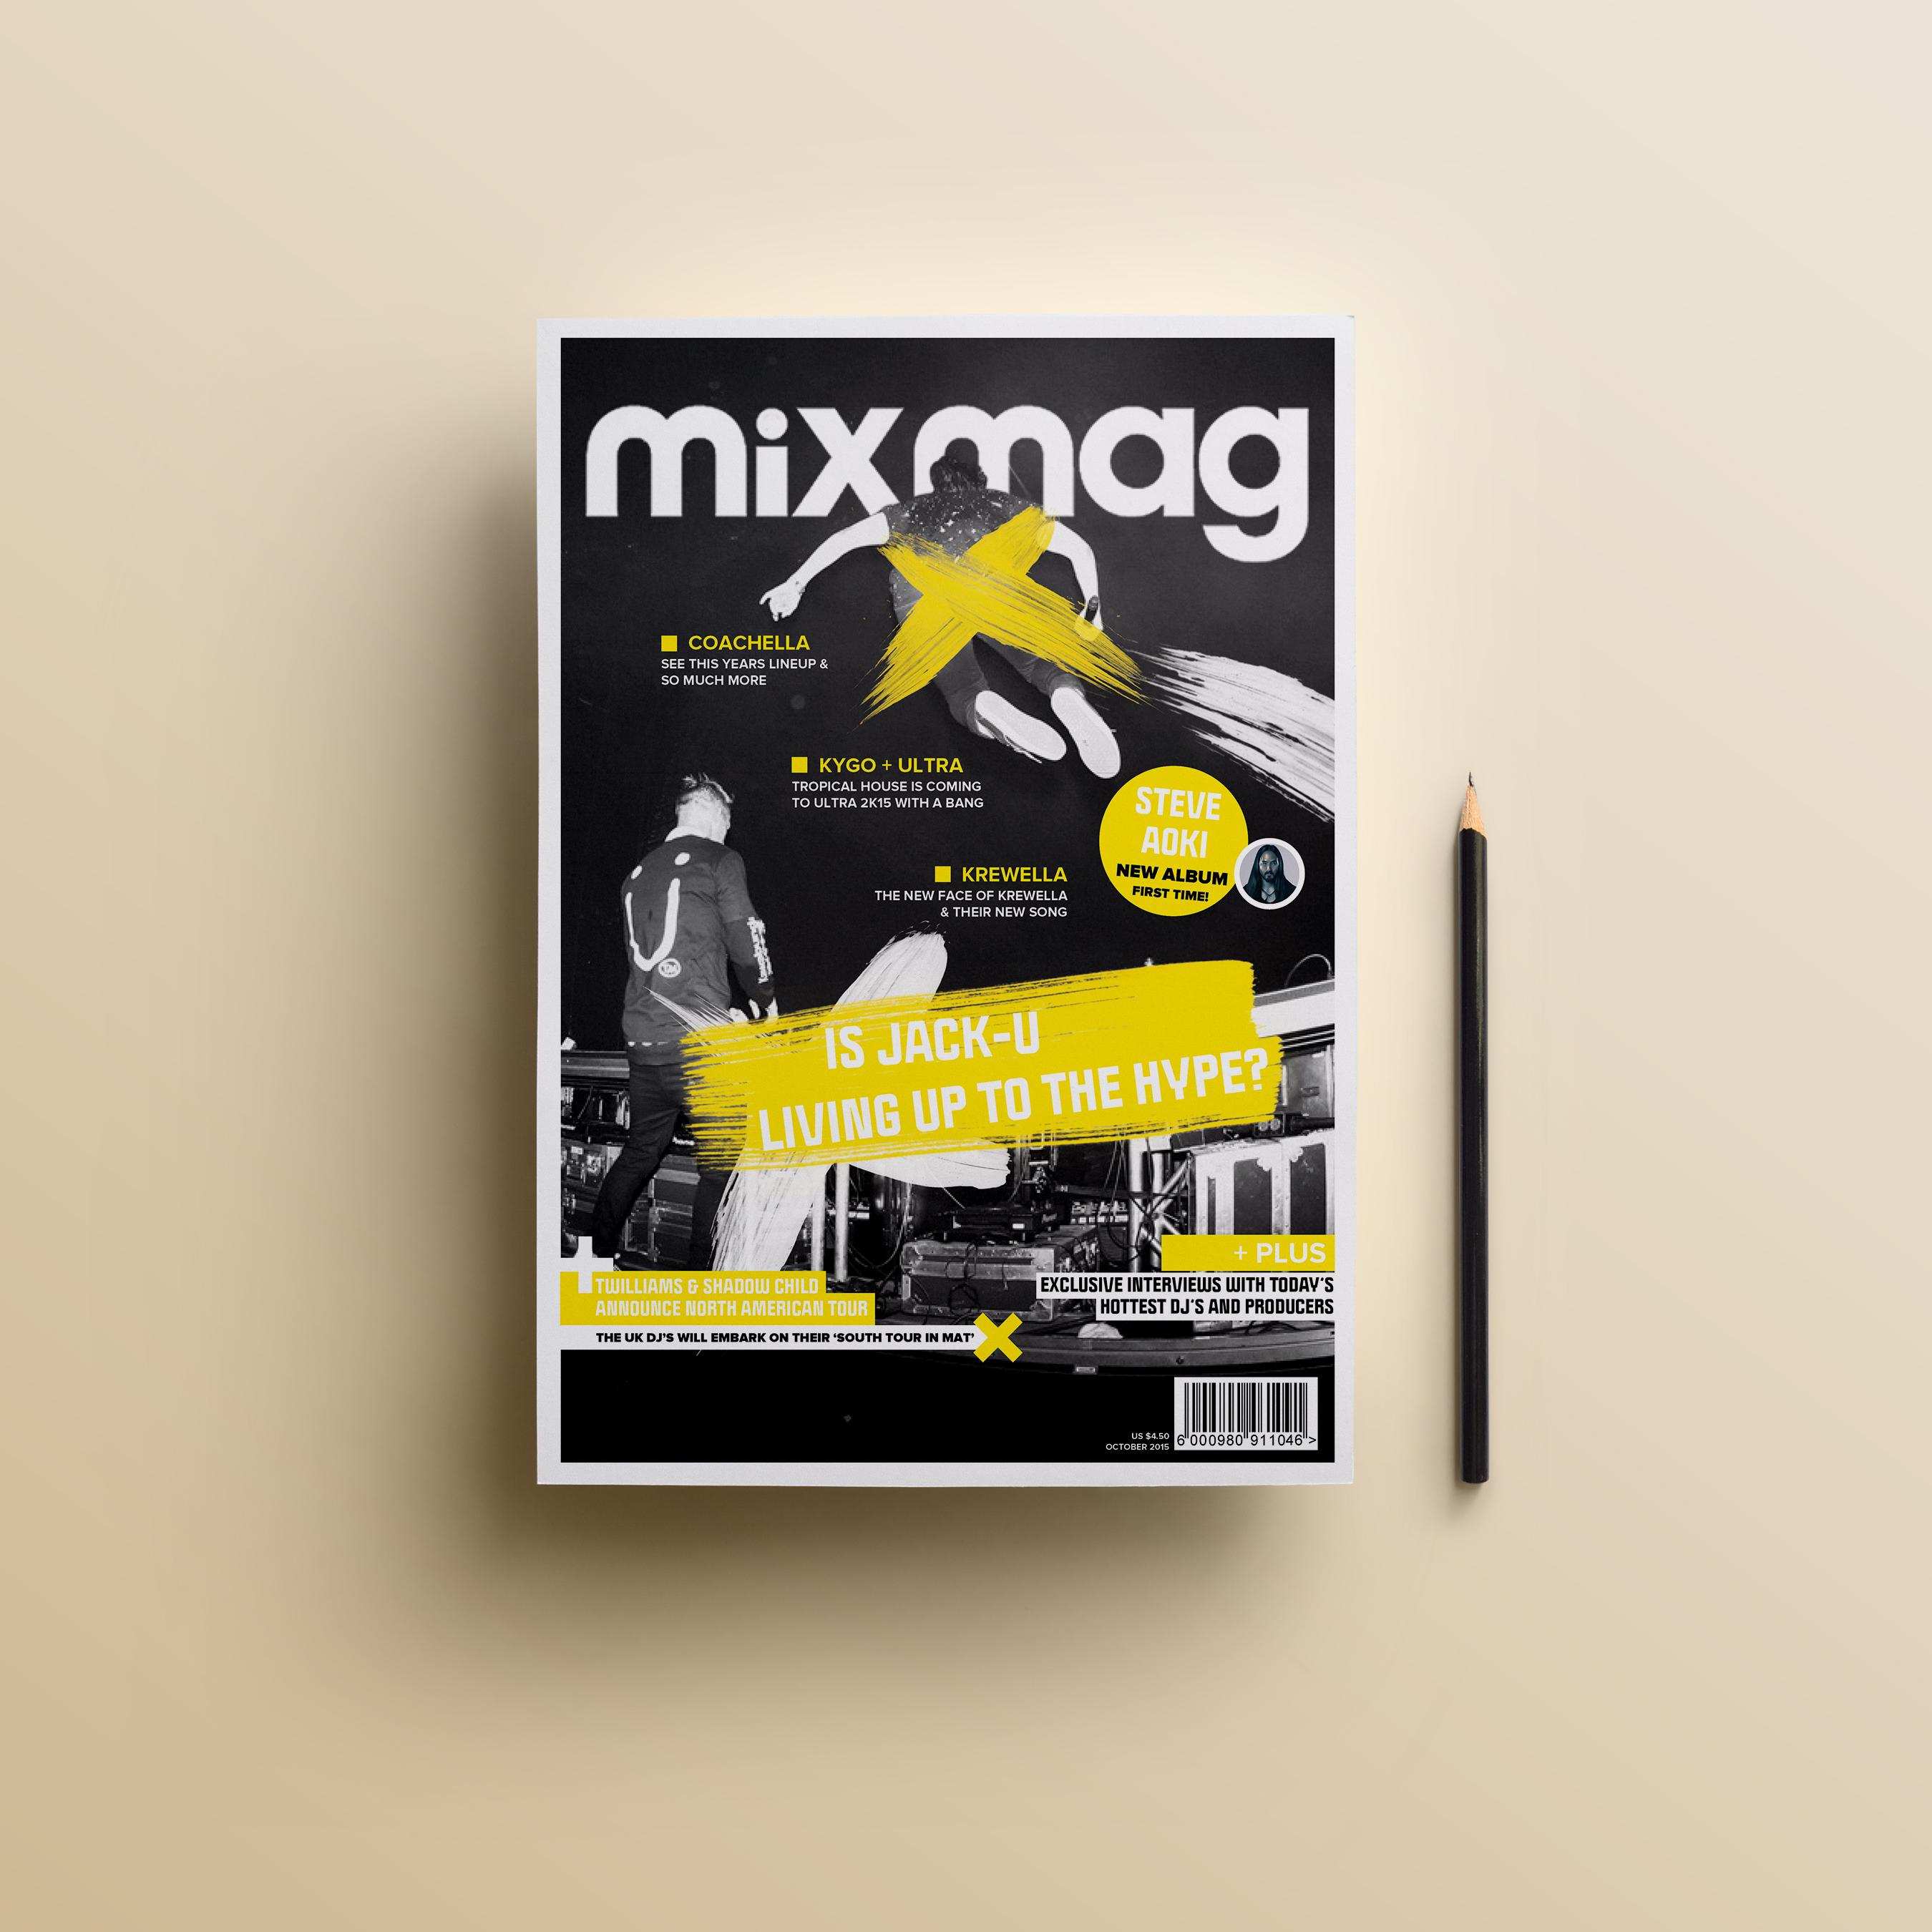 Обложка журанала MixMag